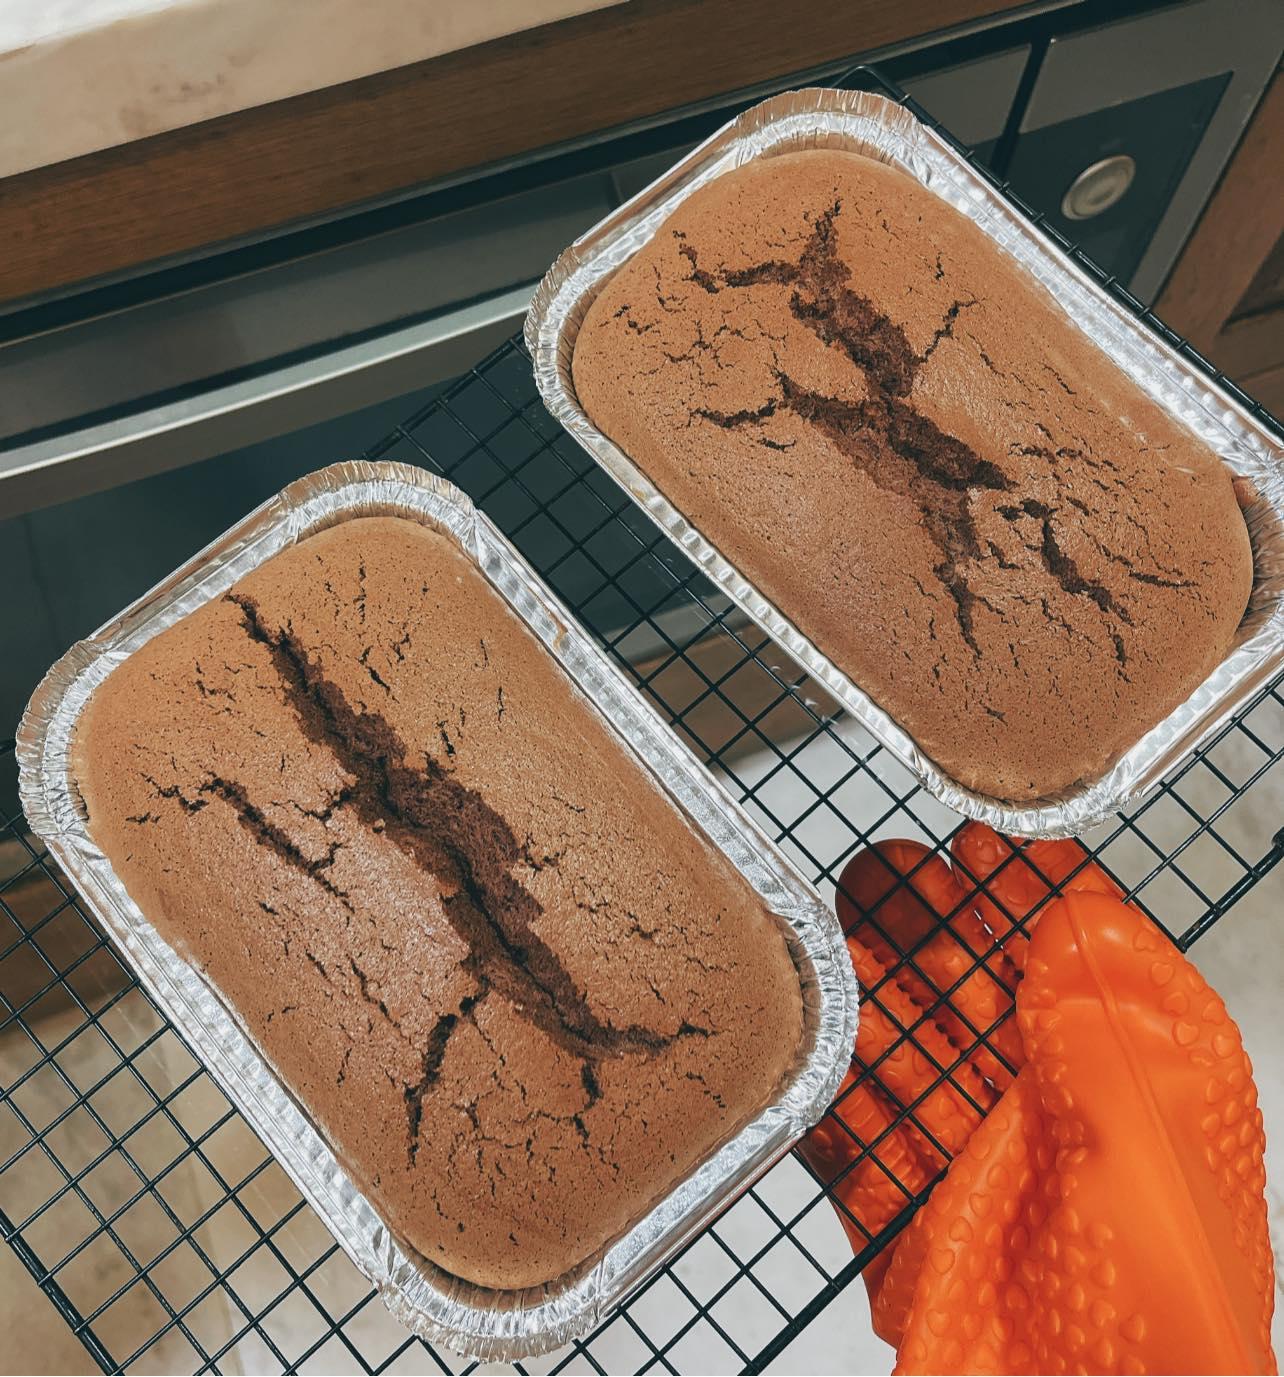 Thành phẩm bánh bông lan chocolate. Ảnh: Facebook Phan Như Thảo